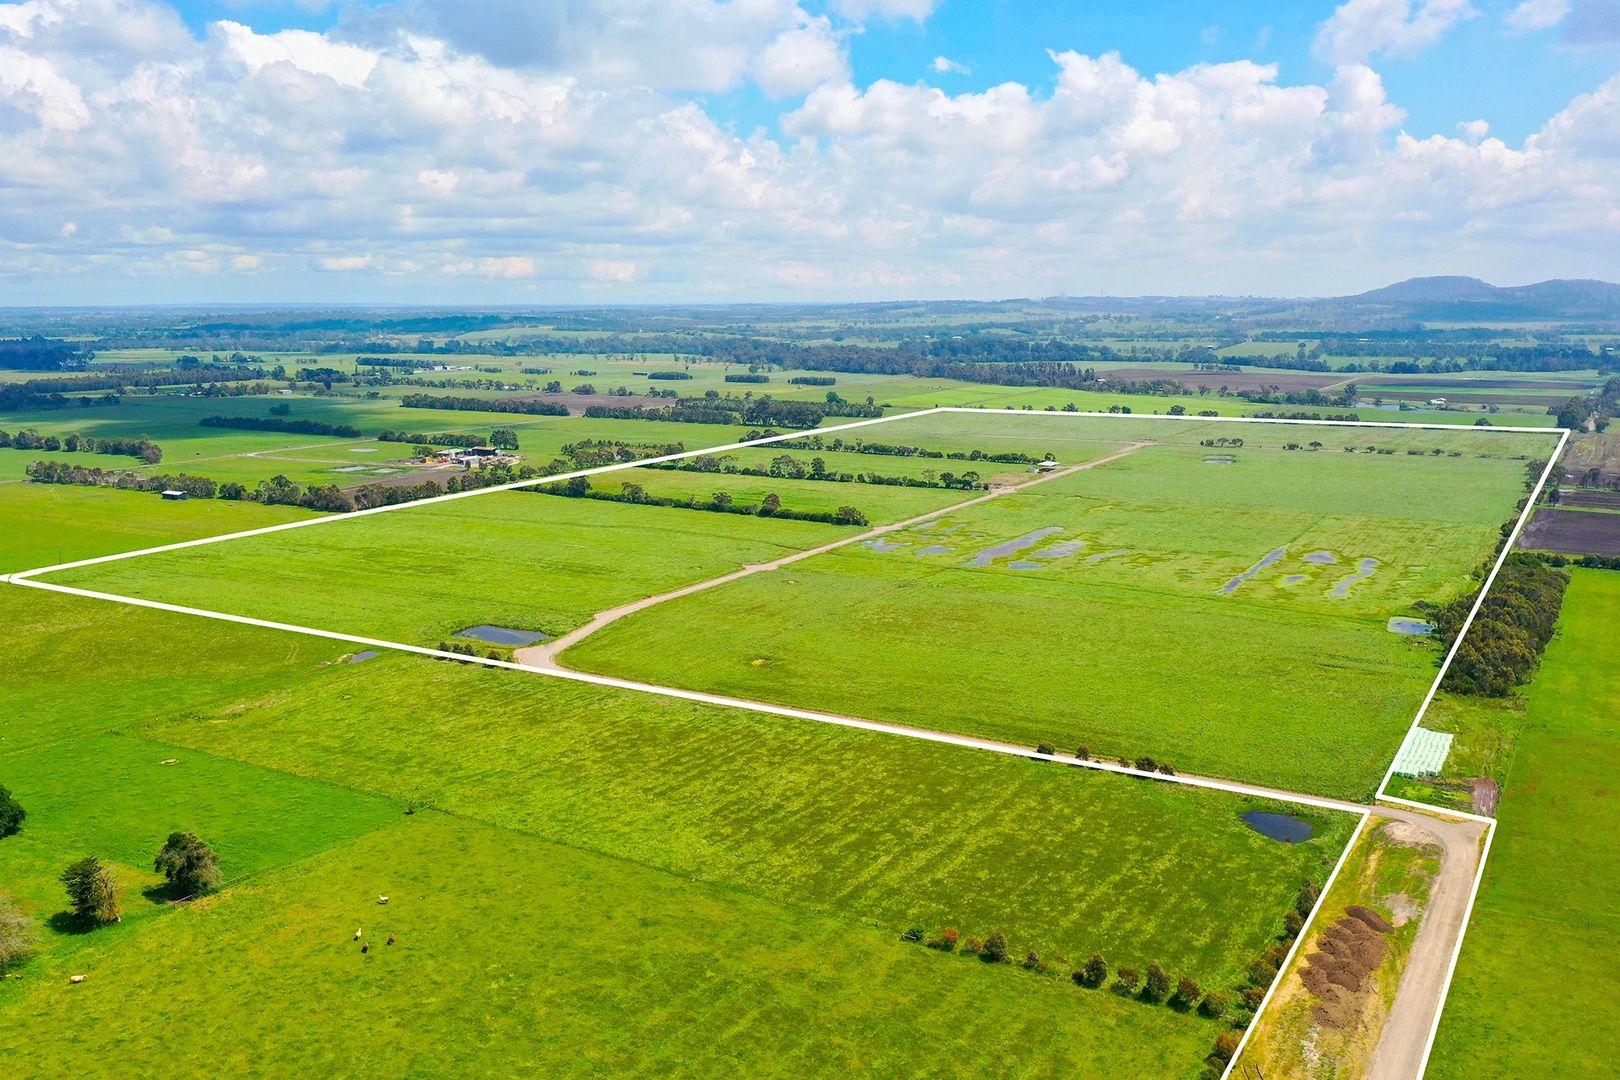 128 acres Morrison Road Labertouche, Labertouche VIC 3816, Image 1